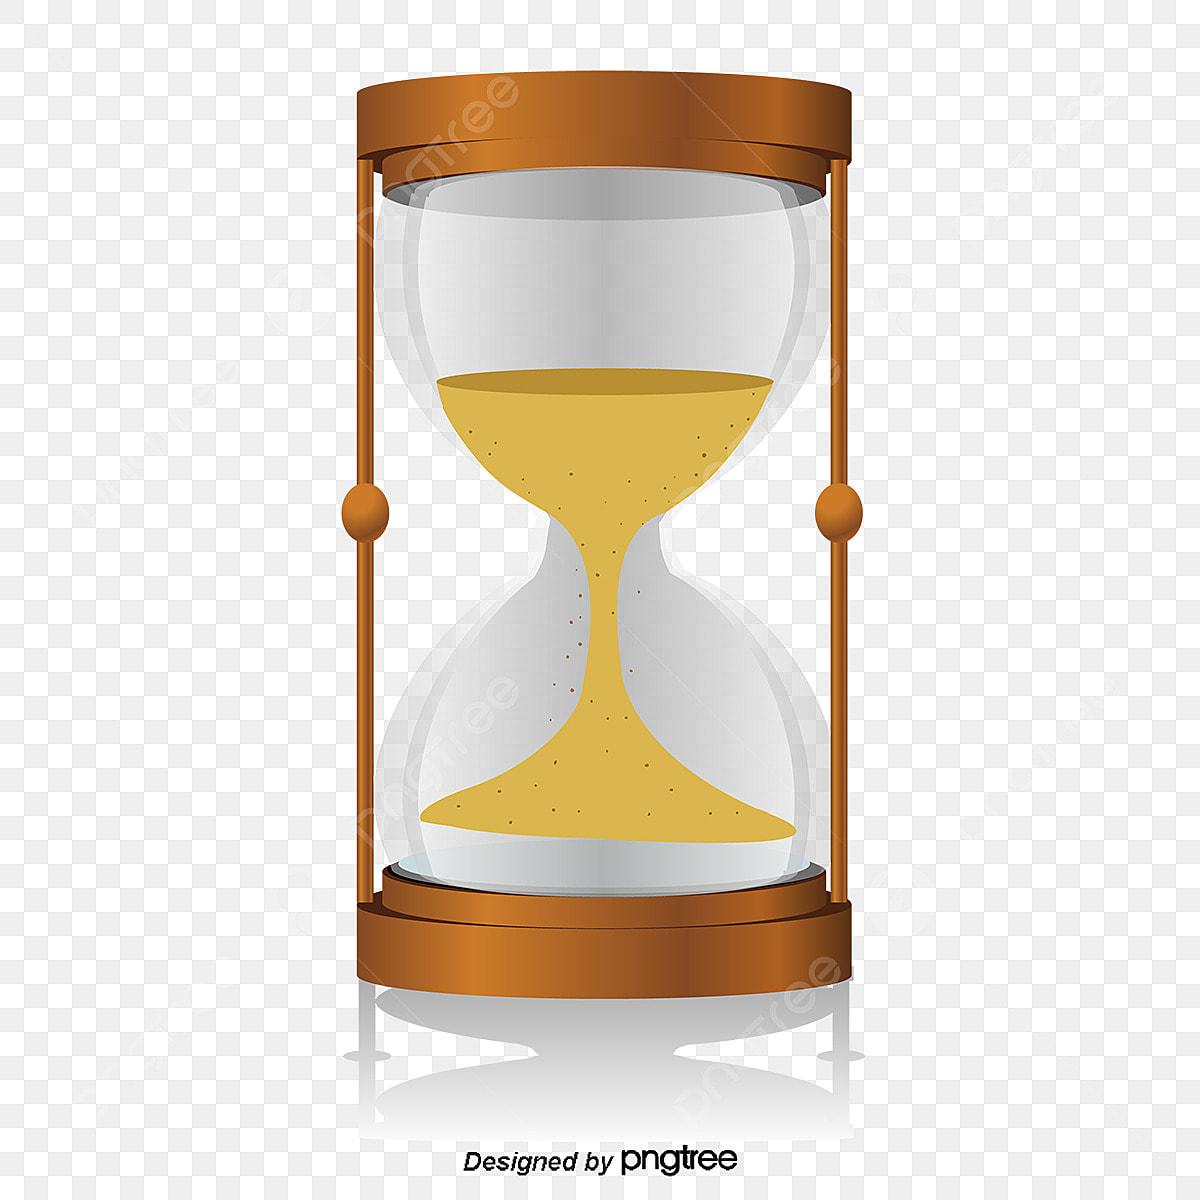 Reloj De Arena Reloj De Arena Tiempo Temporizador Png Y Vector